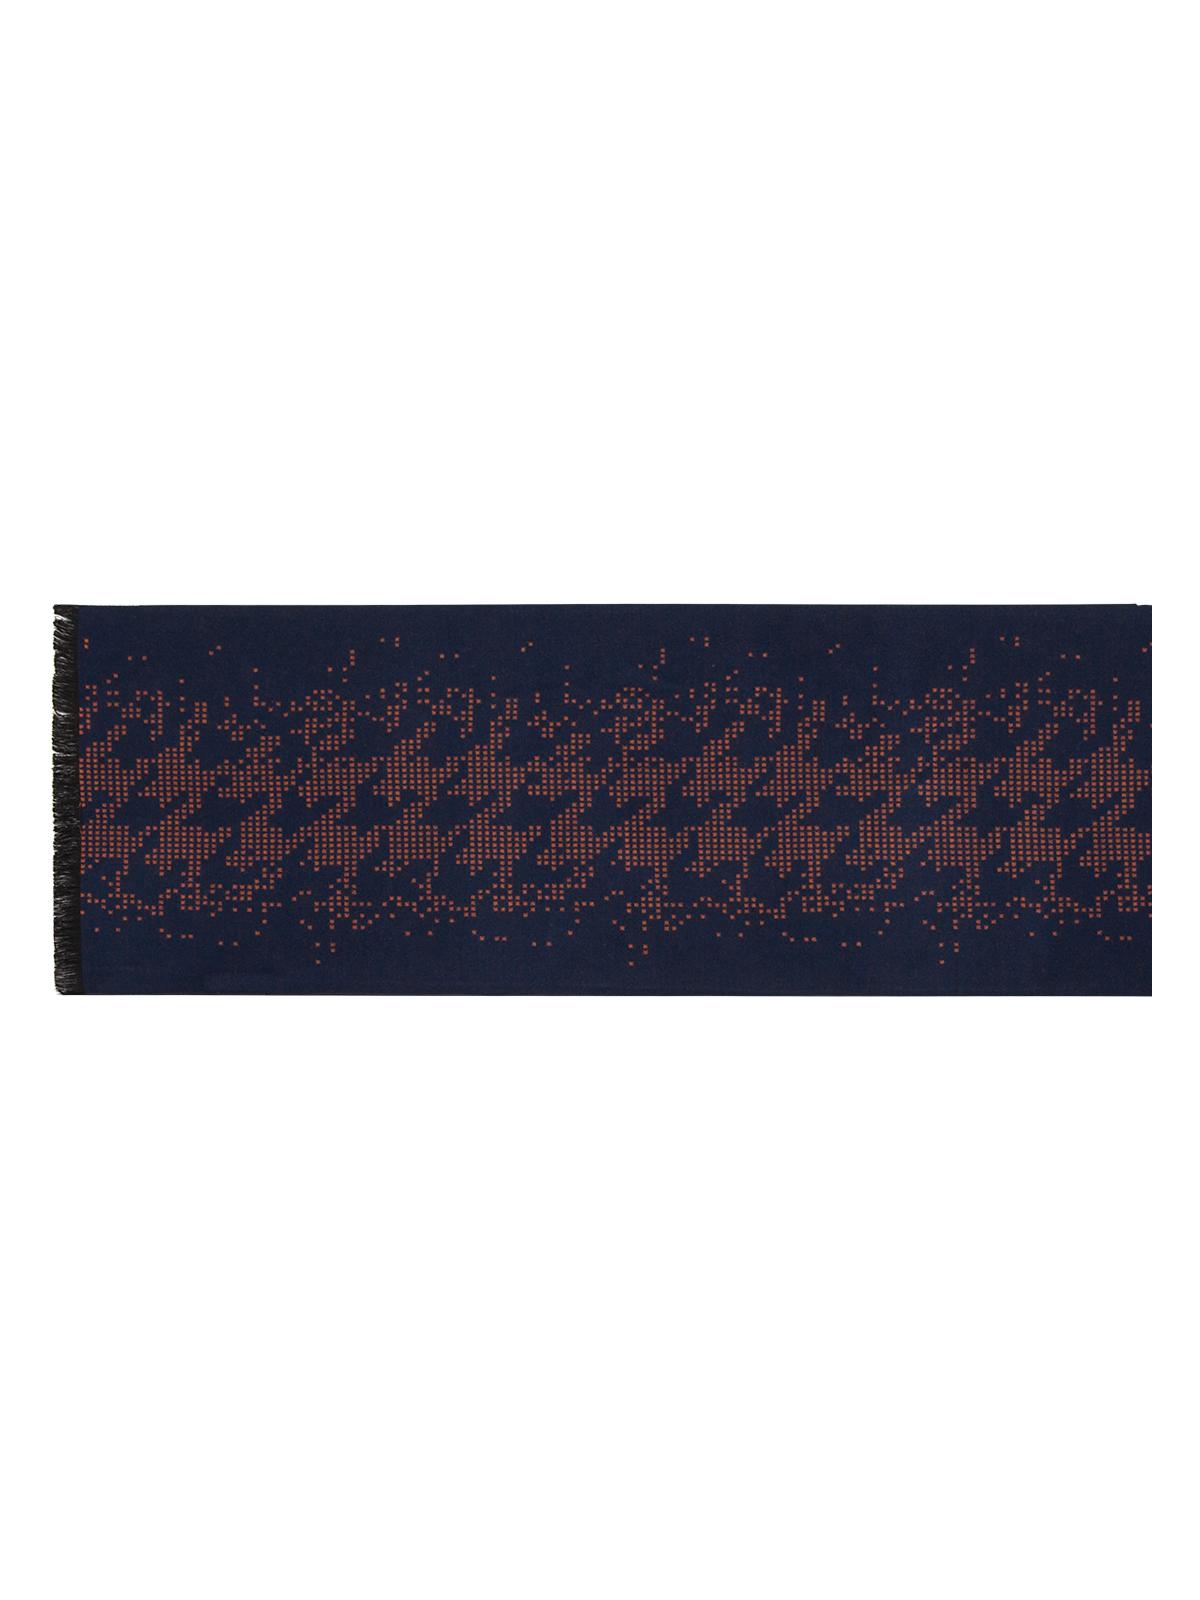 Шарф мужской Labbra, цвет: темно-синий. LJG34-317. Размер 30 см х 180 смLJG34-317Мужской шарф Labbra, изготовленный из вискозы и шелка, мягкий и приятный на ощупь.Изделие оформлено оригинальным принтом. По короткому краю модель оформлена бахромой.